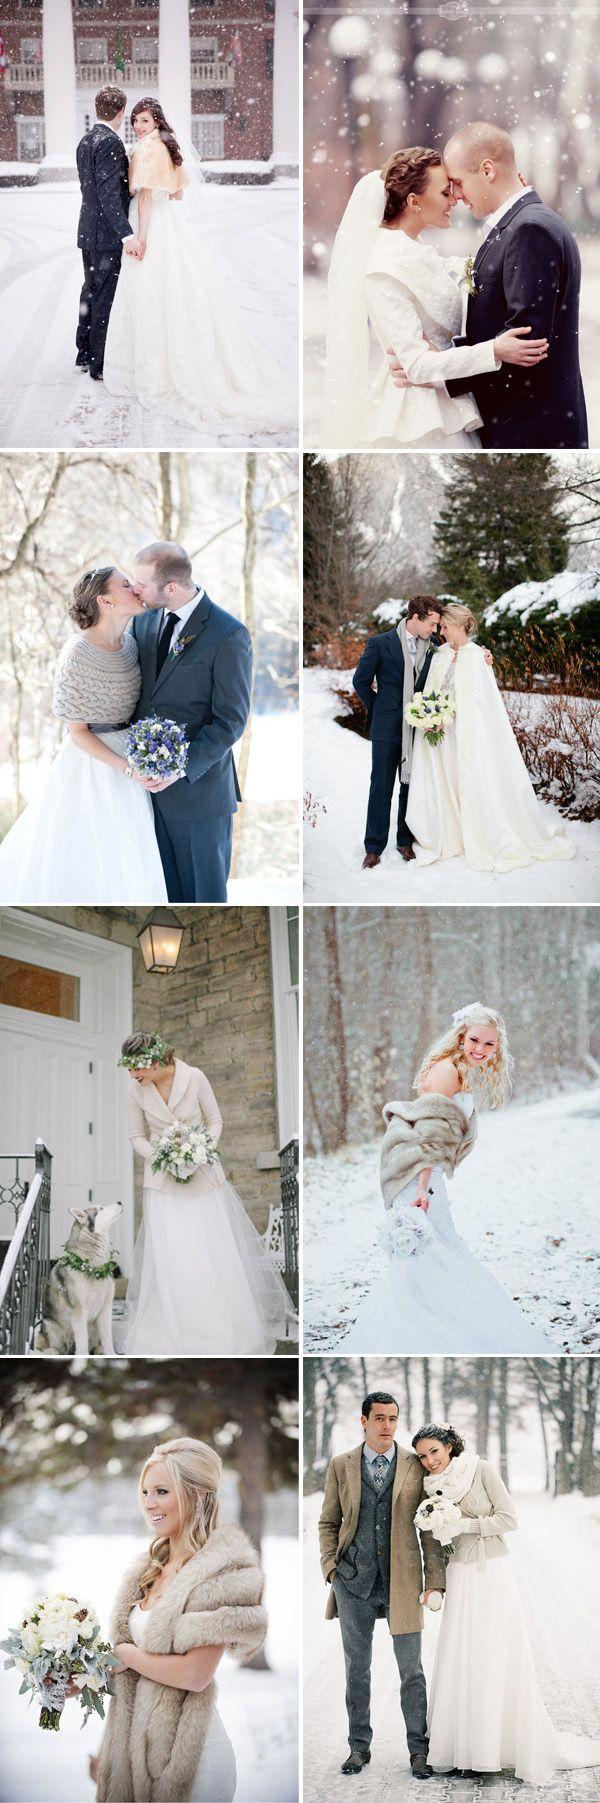 62026ee437c86dfc02e54281ba7e4b91 - hochzeit mantel winter 15 beste Outfits